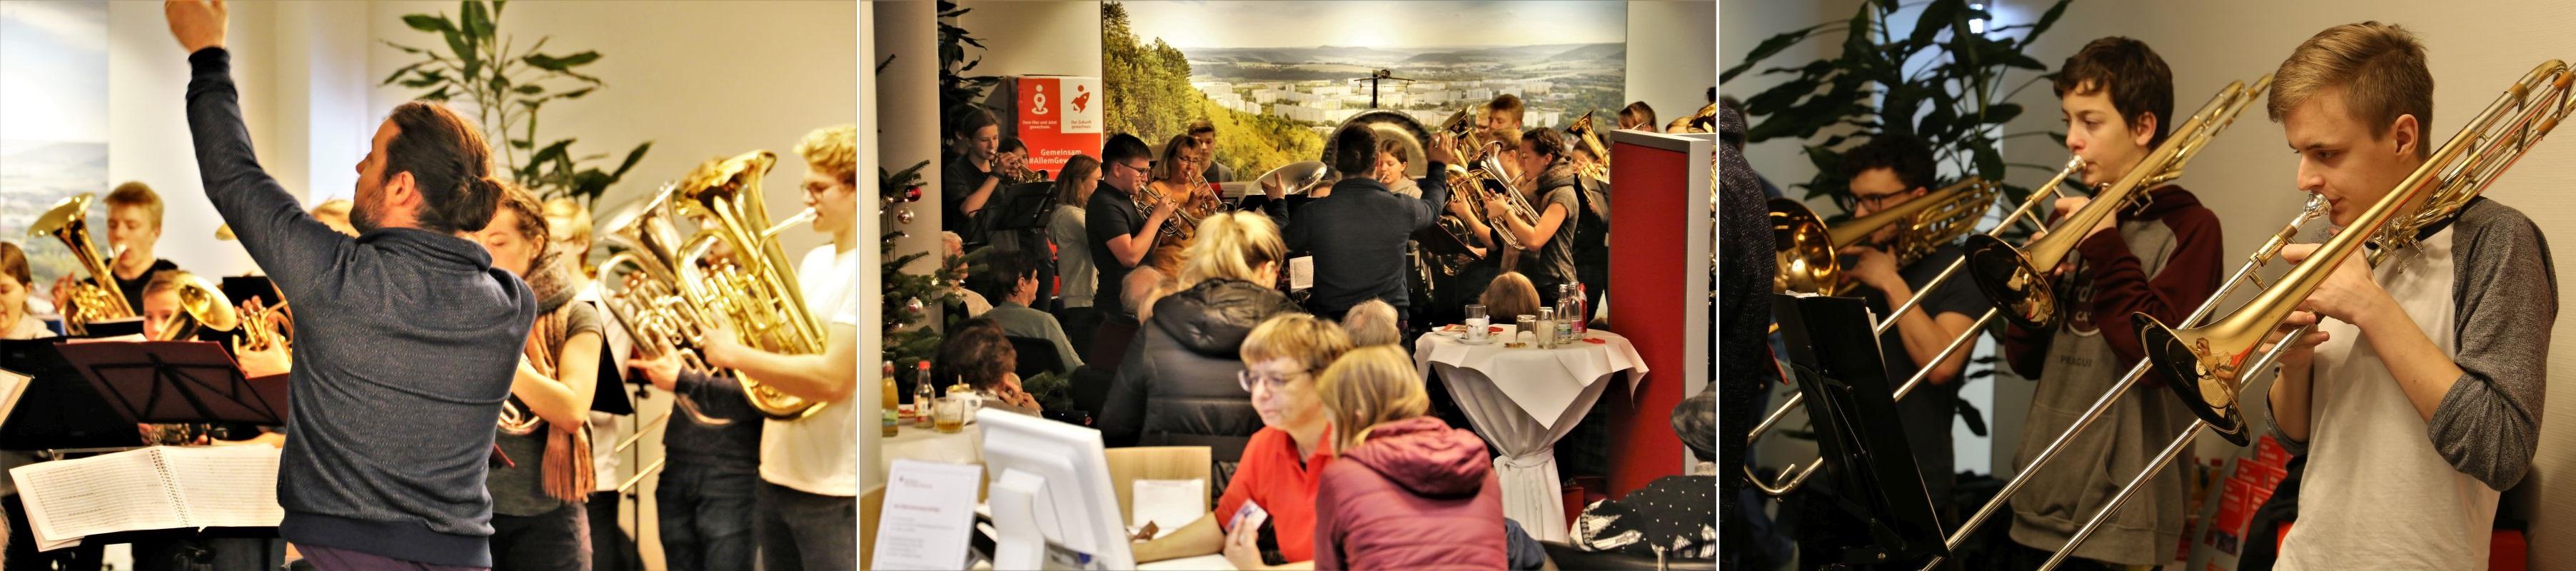 Jugend Brass Band BlechKLANG Lebendiger Adventskalender 2018 - Zusammenstellung